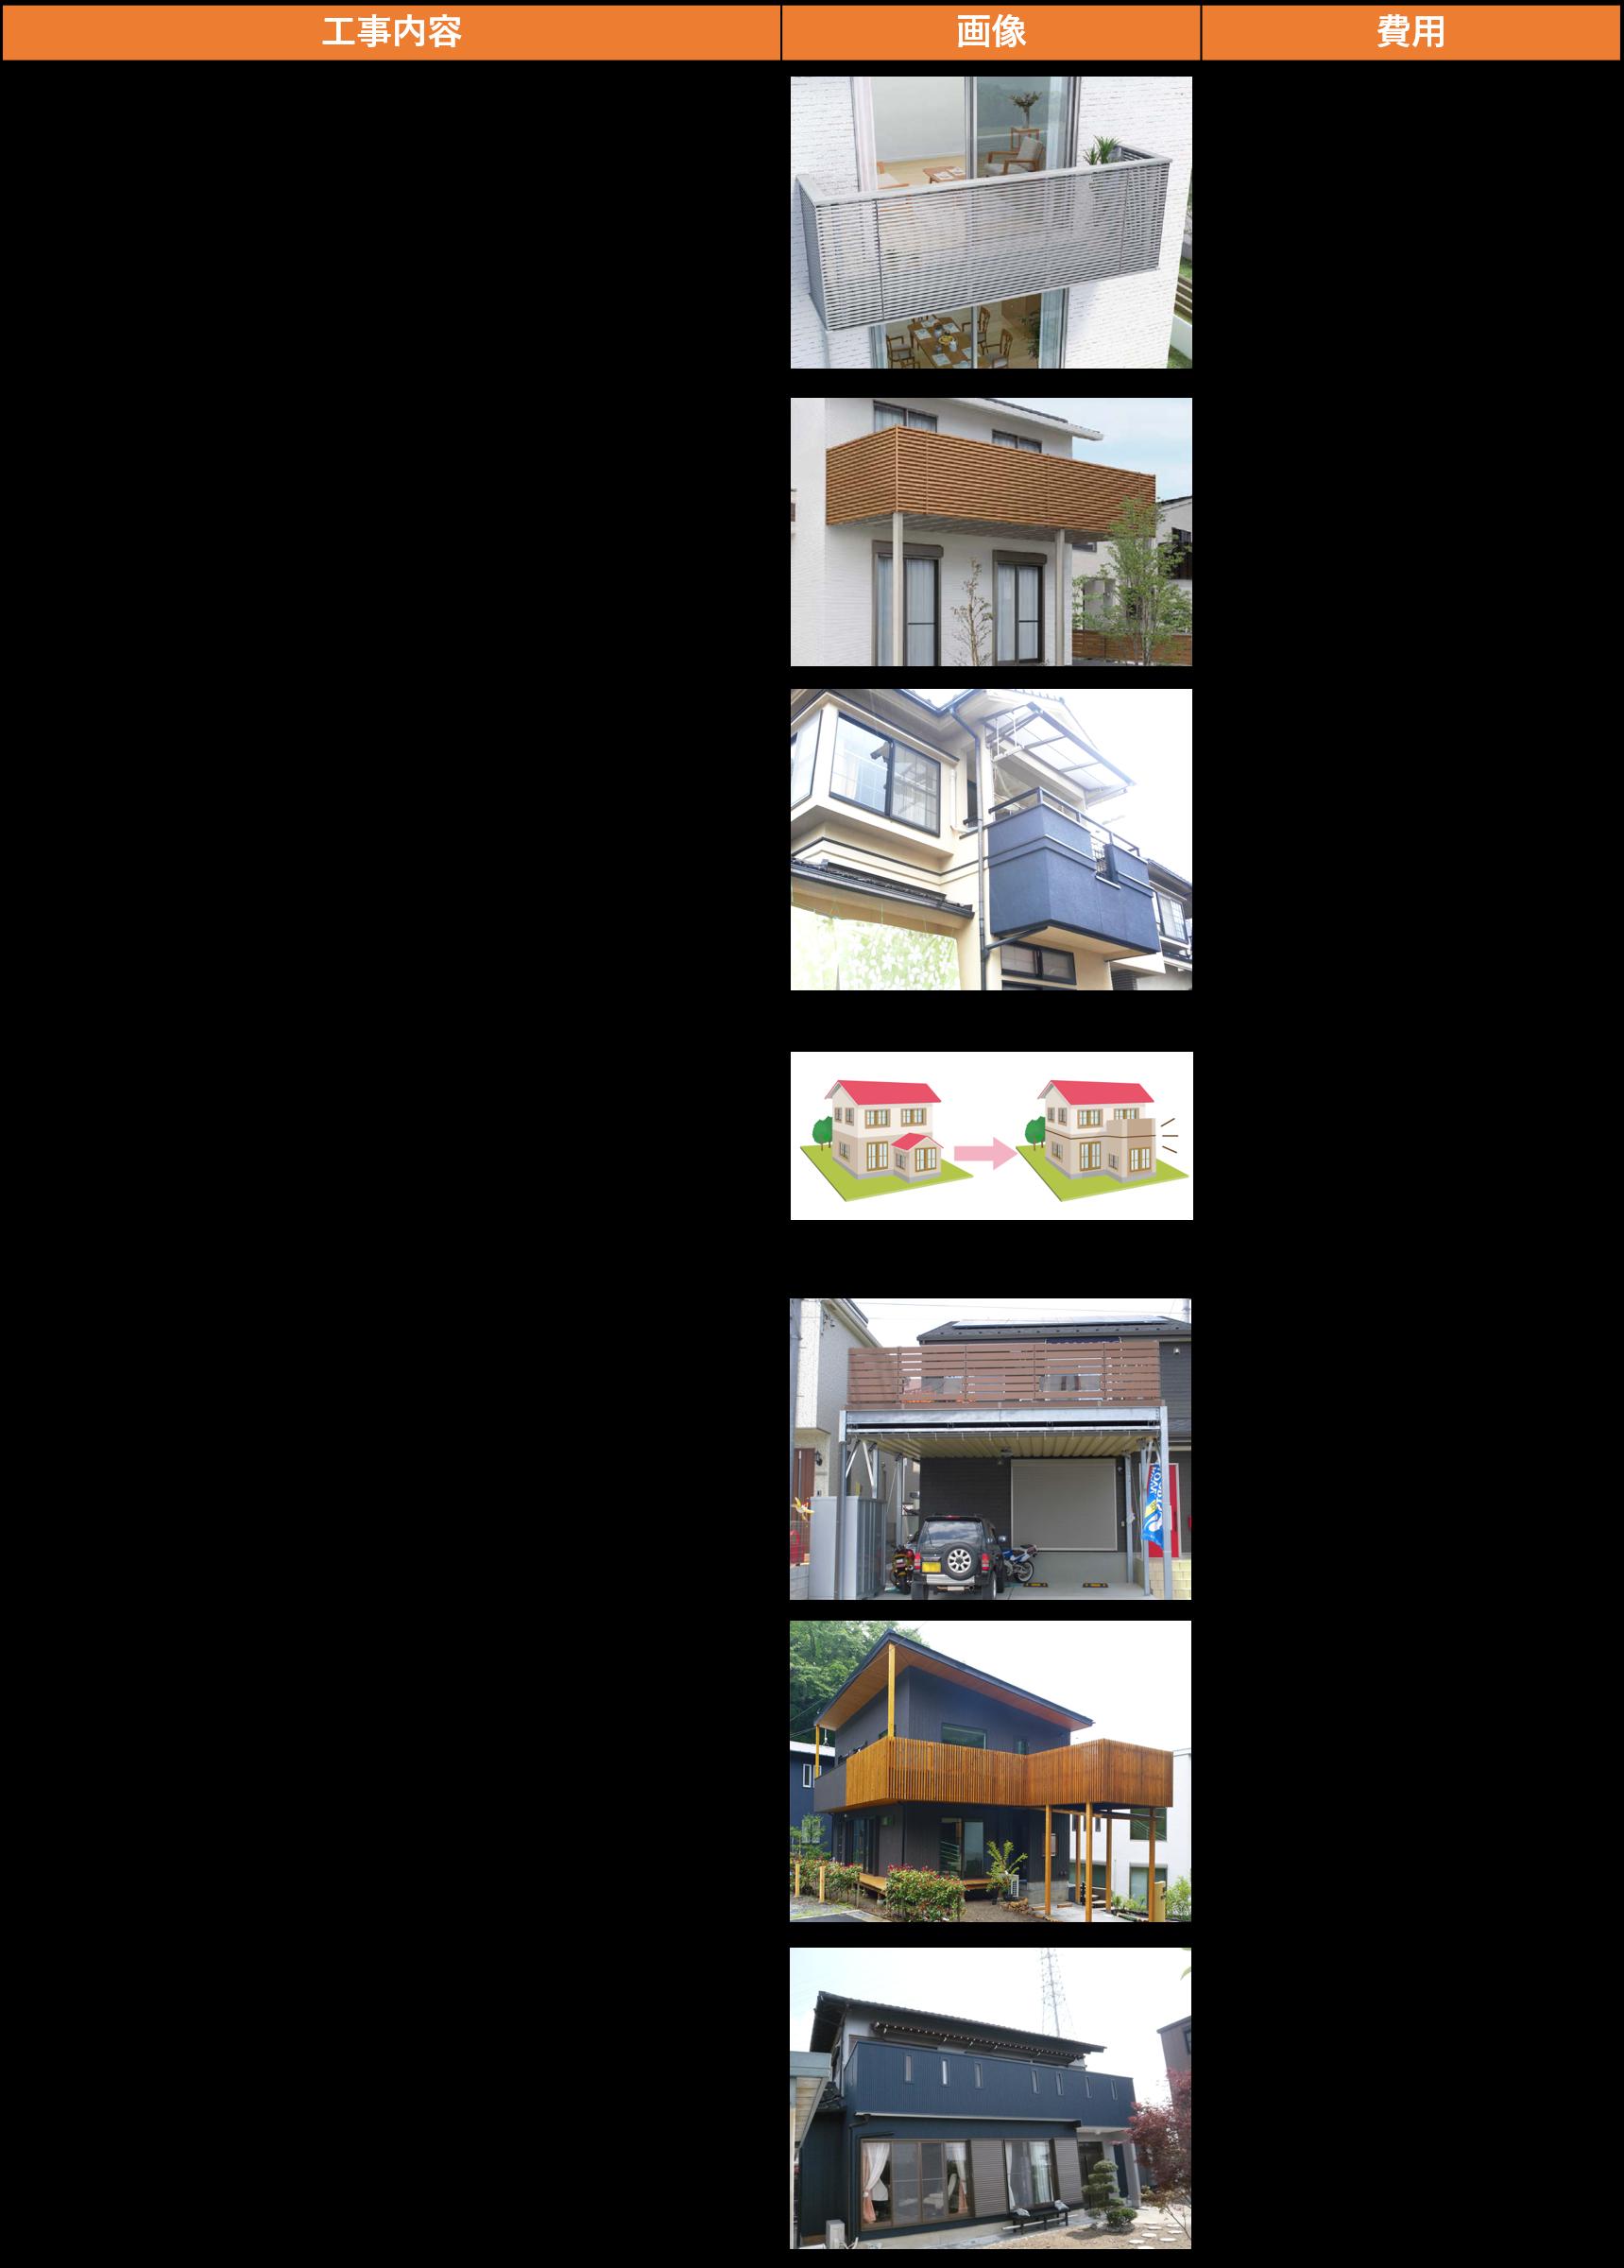 ベランダ増築の方法一覧